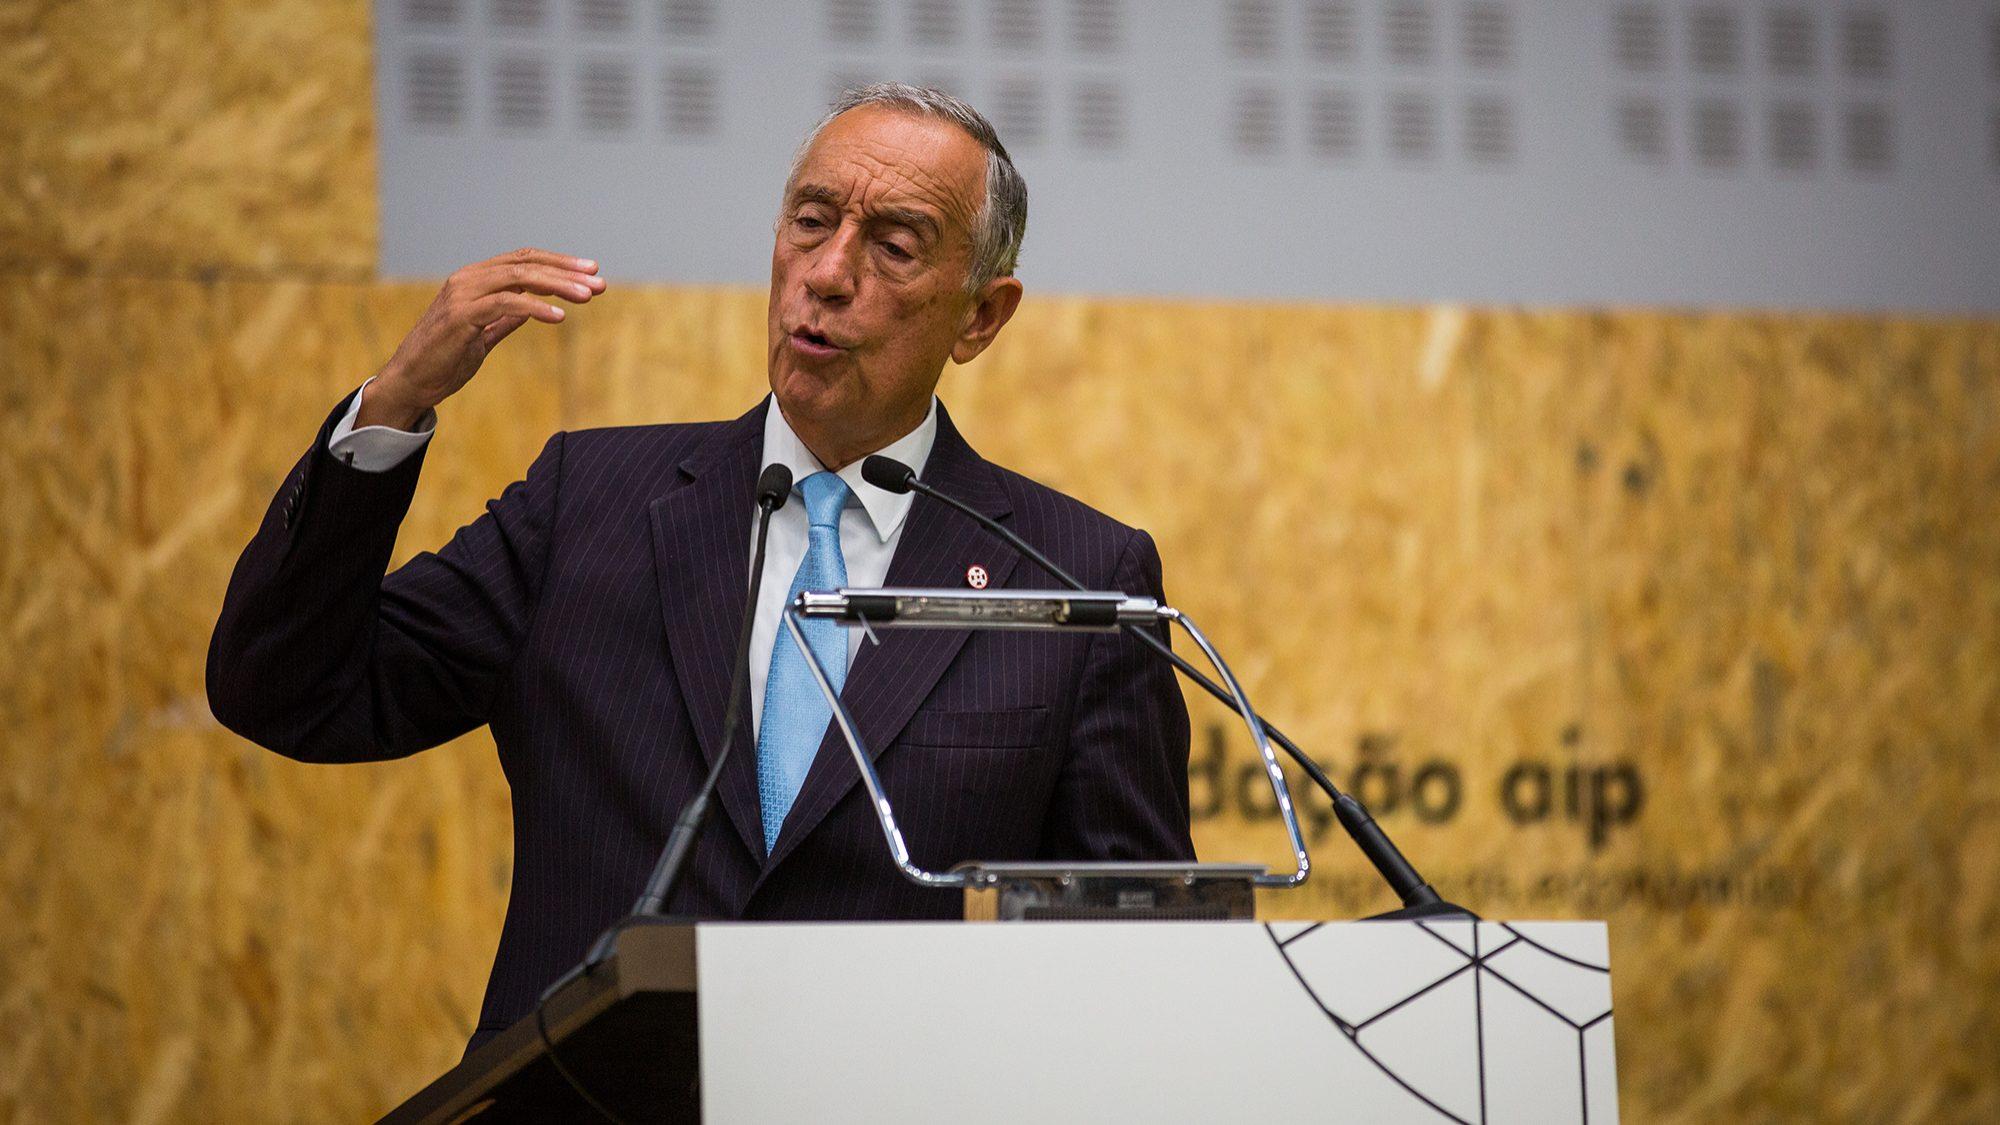 """Presidente da República quer finanças públicas saudáveis """"ao serviço das pessoas"""""""